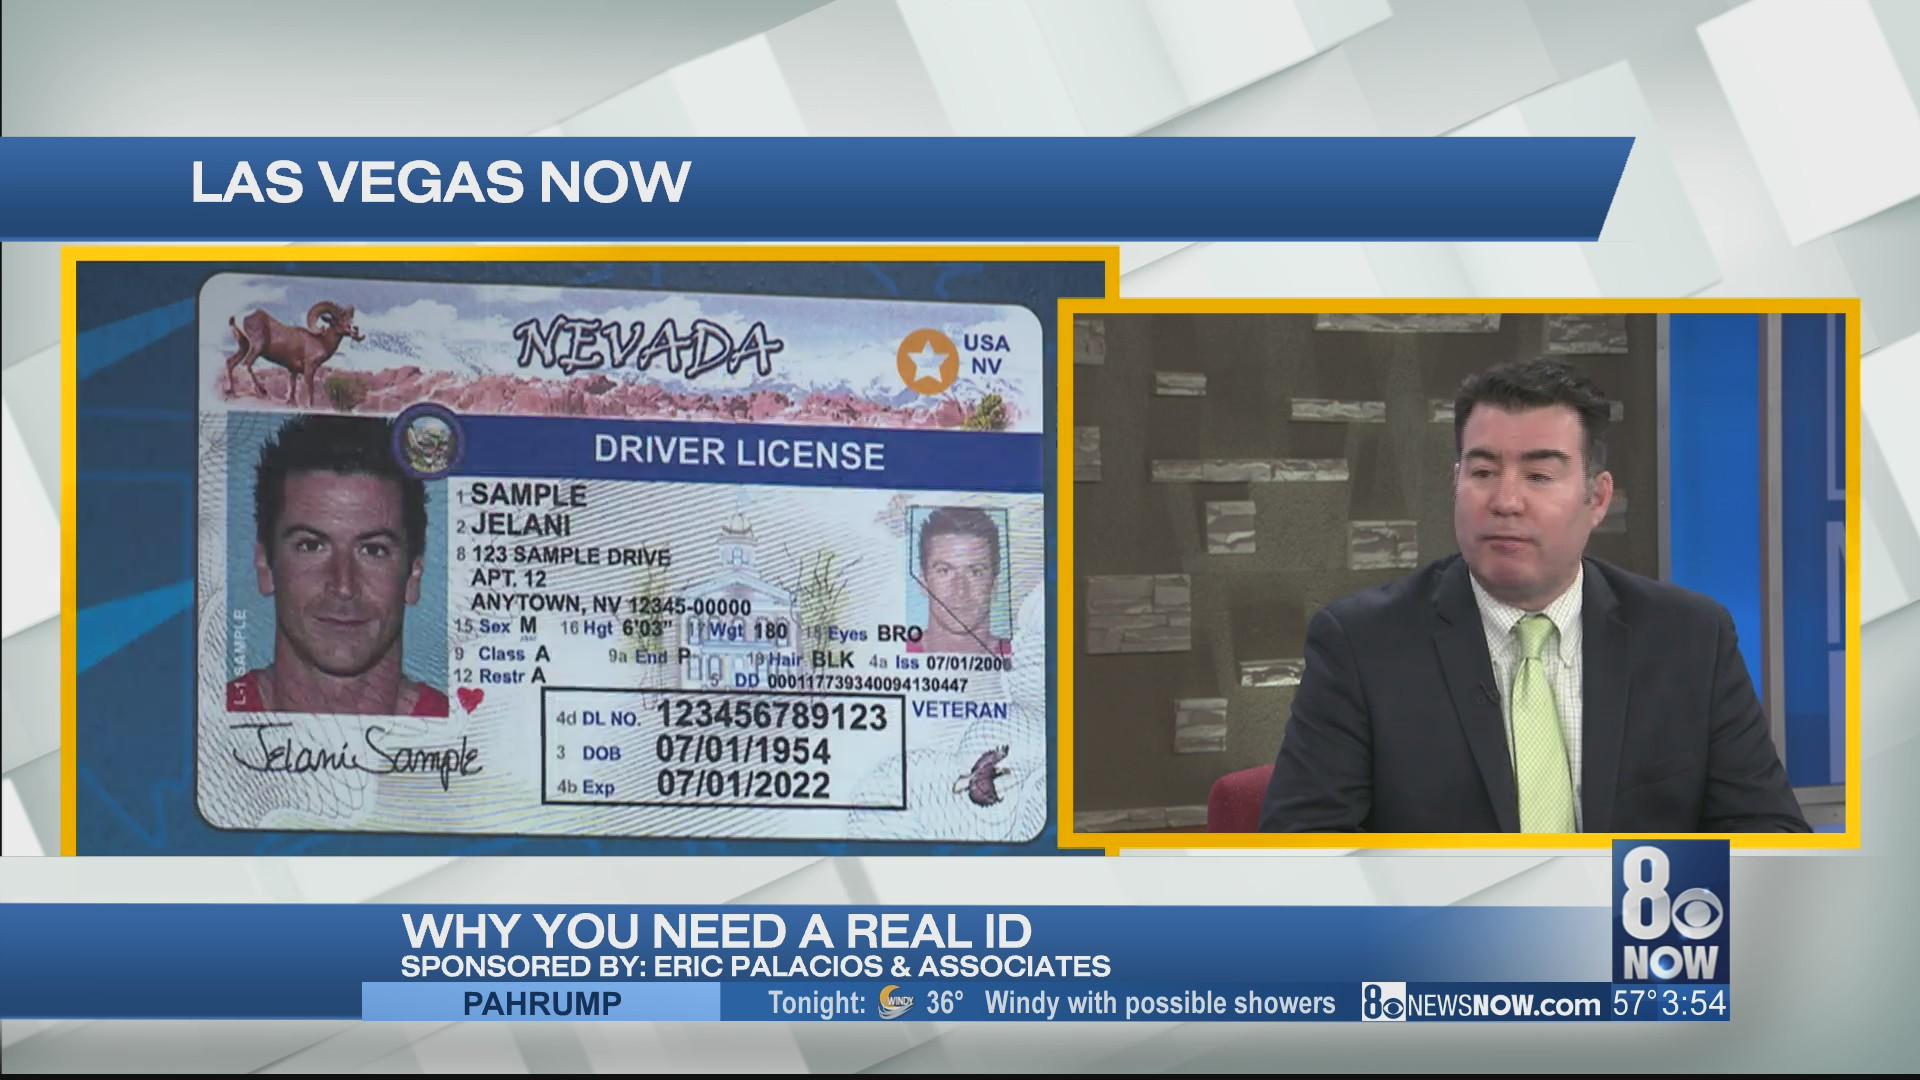 Las Vegas attorney Eric Palacios